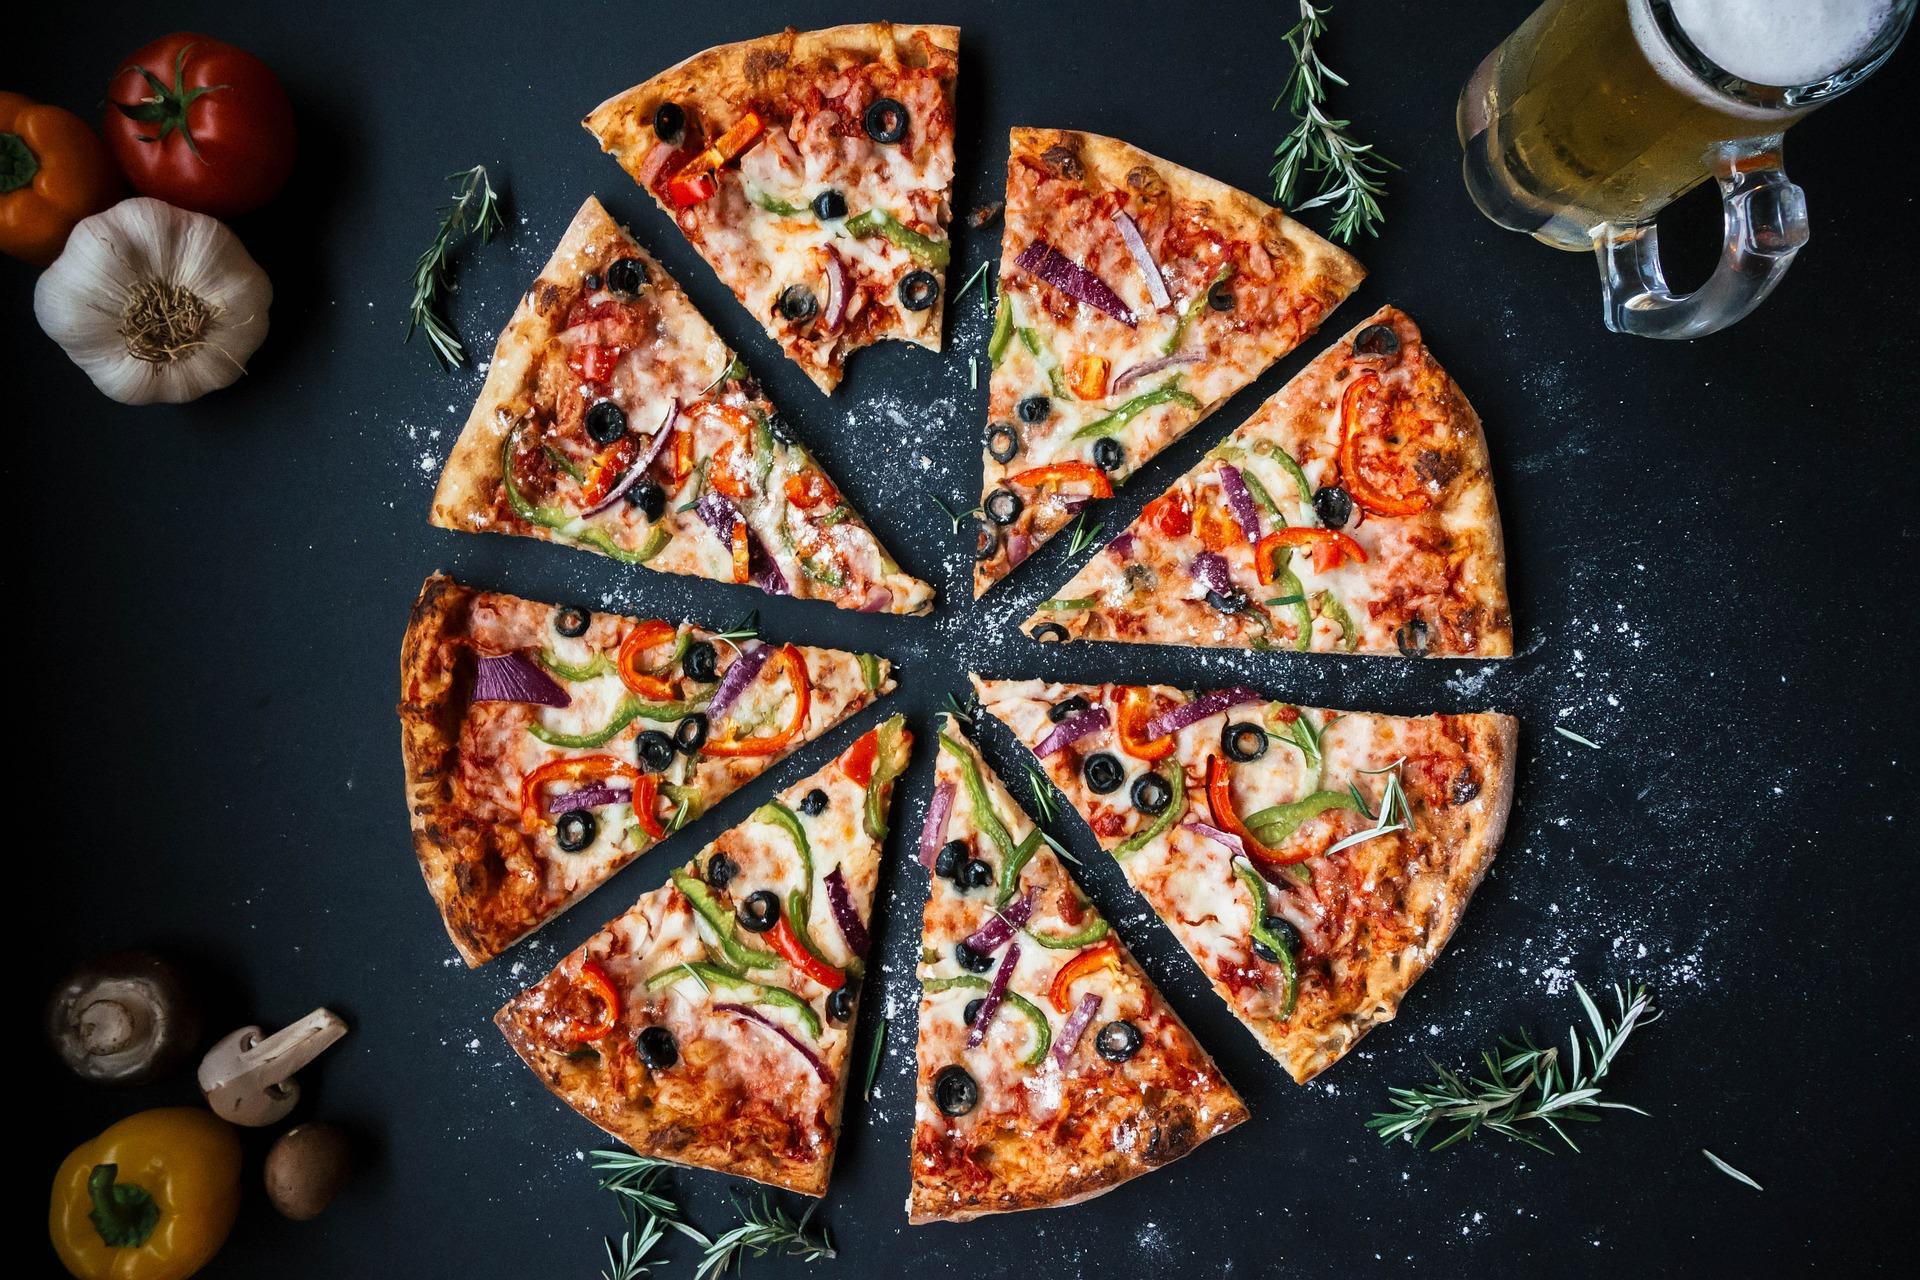 Dallas Pizza Fest